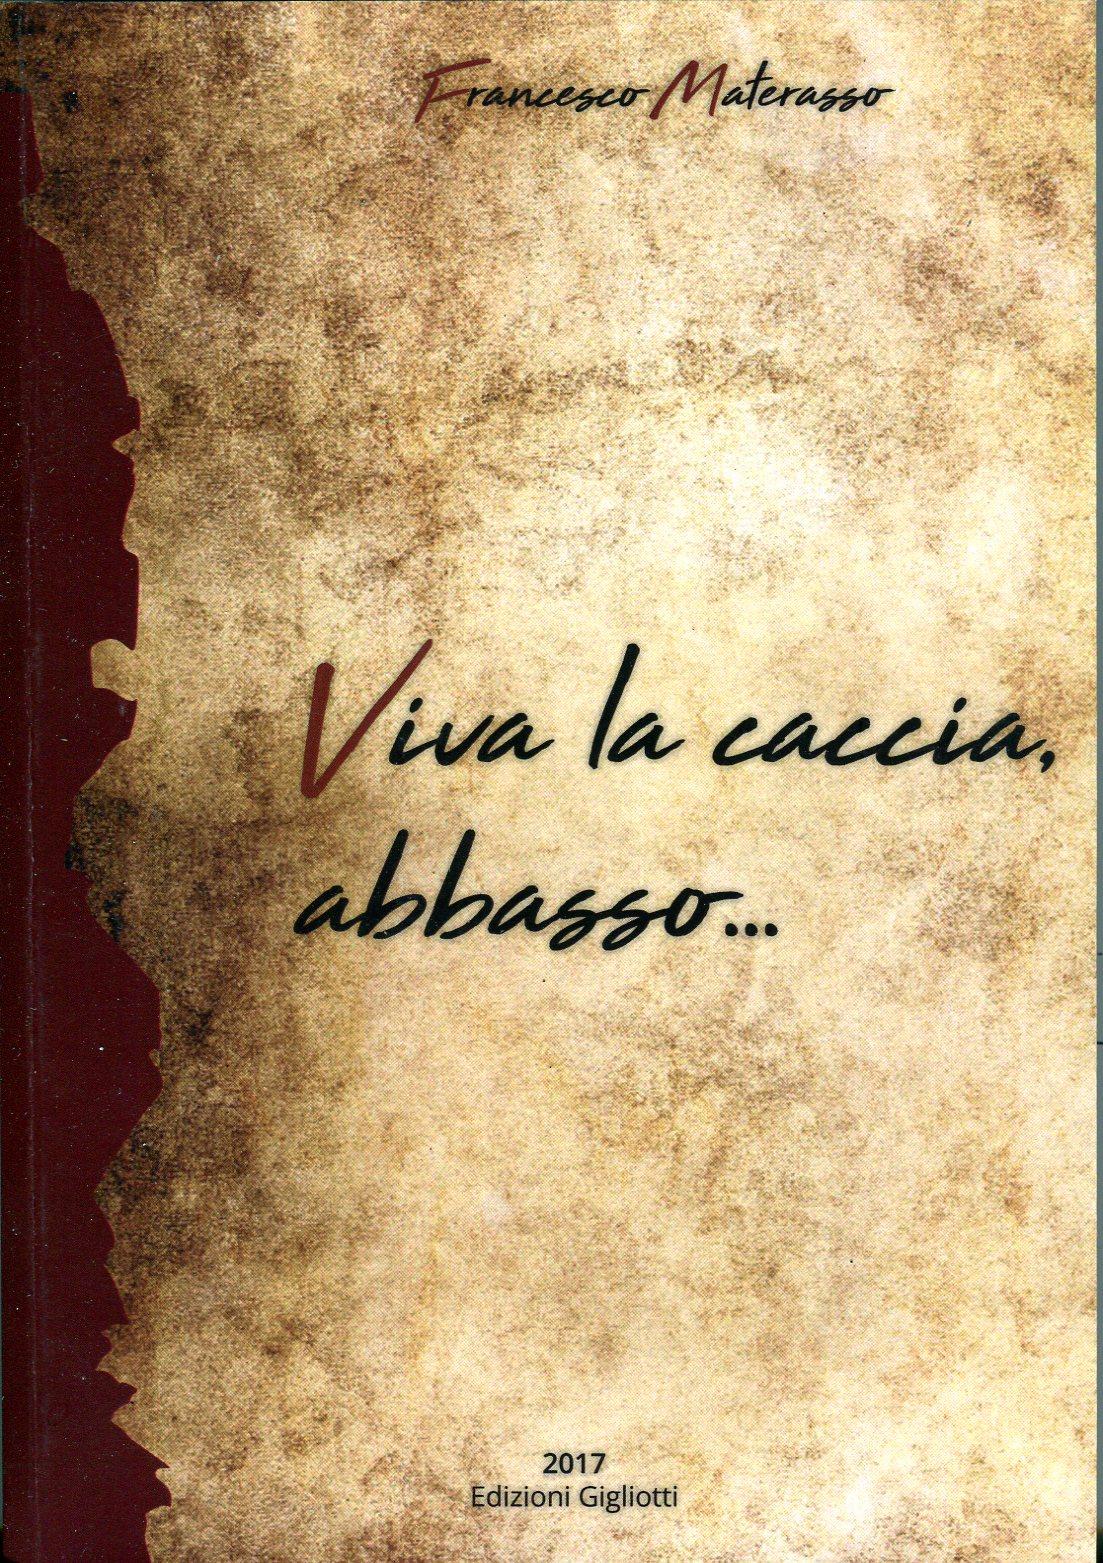 VIVA LA CACCIA002